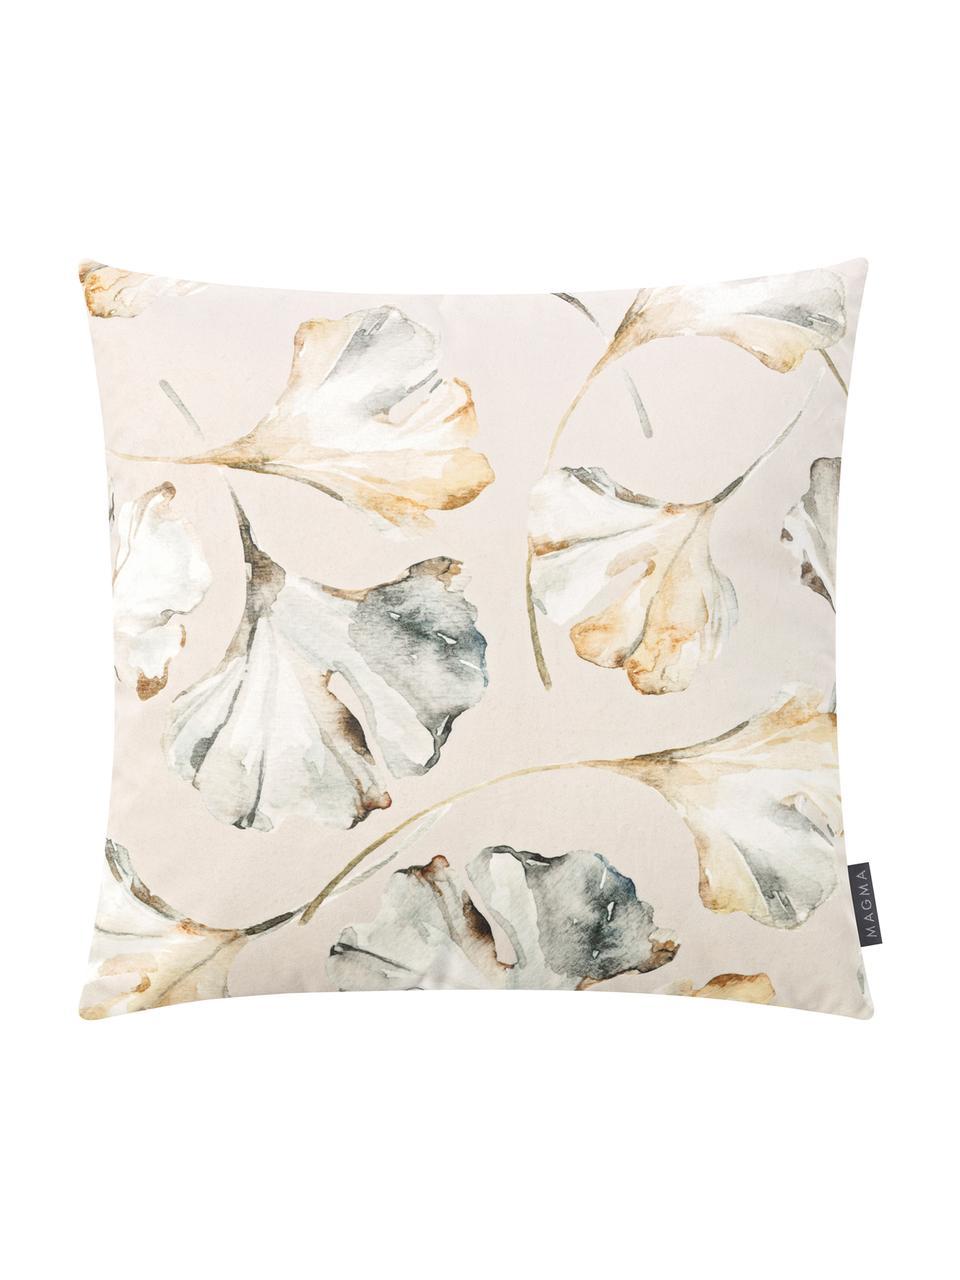 Dwustronna poszewka na poduszkę z aksamitu Flores, 100% aksamit poliestrowy, Beżowy, wielobarwny, S 50 x D 50 cm